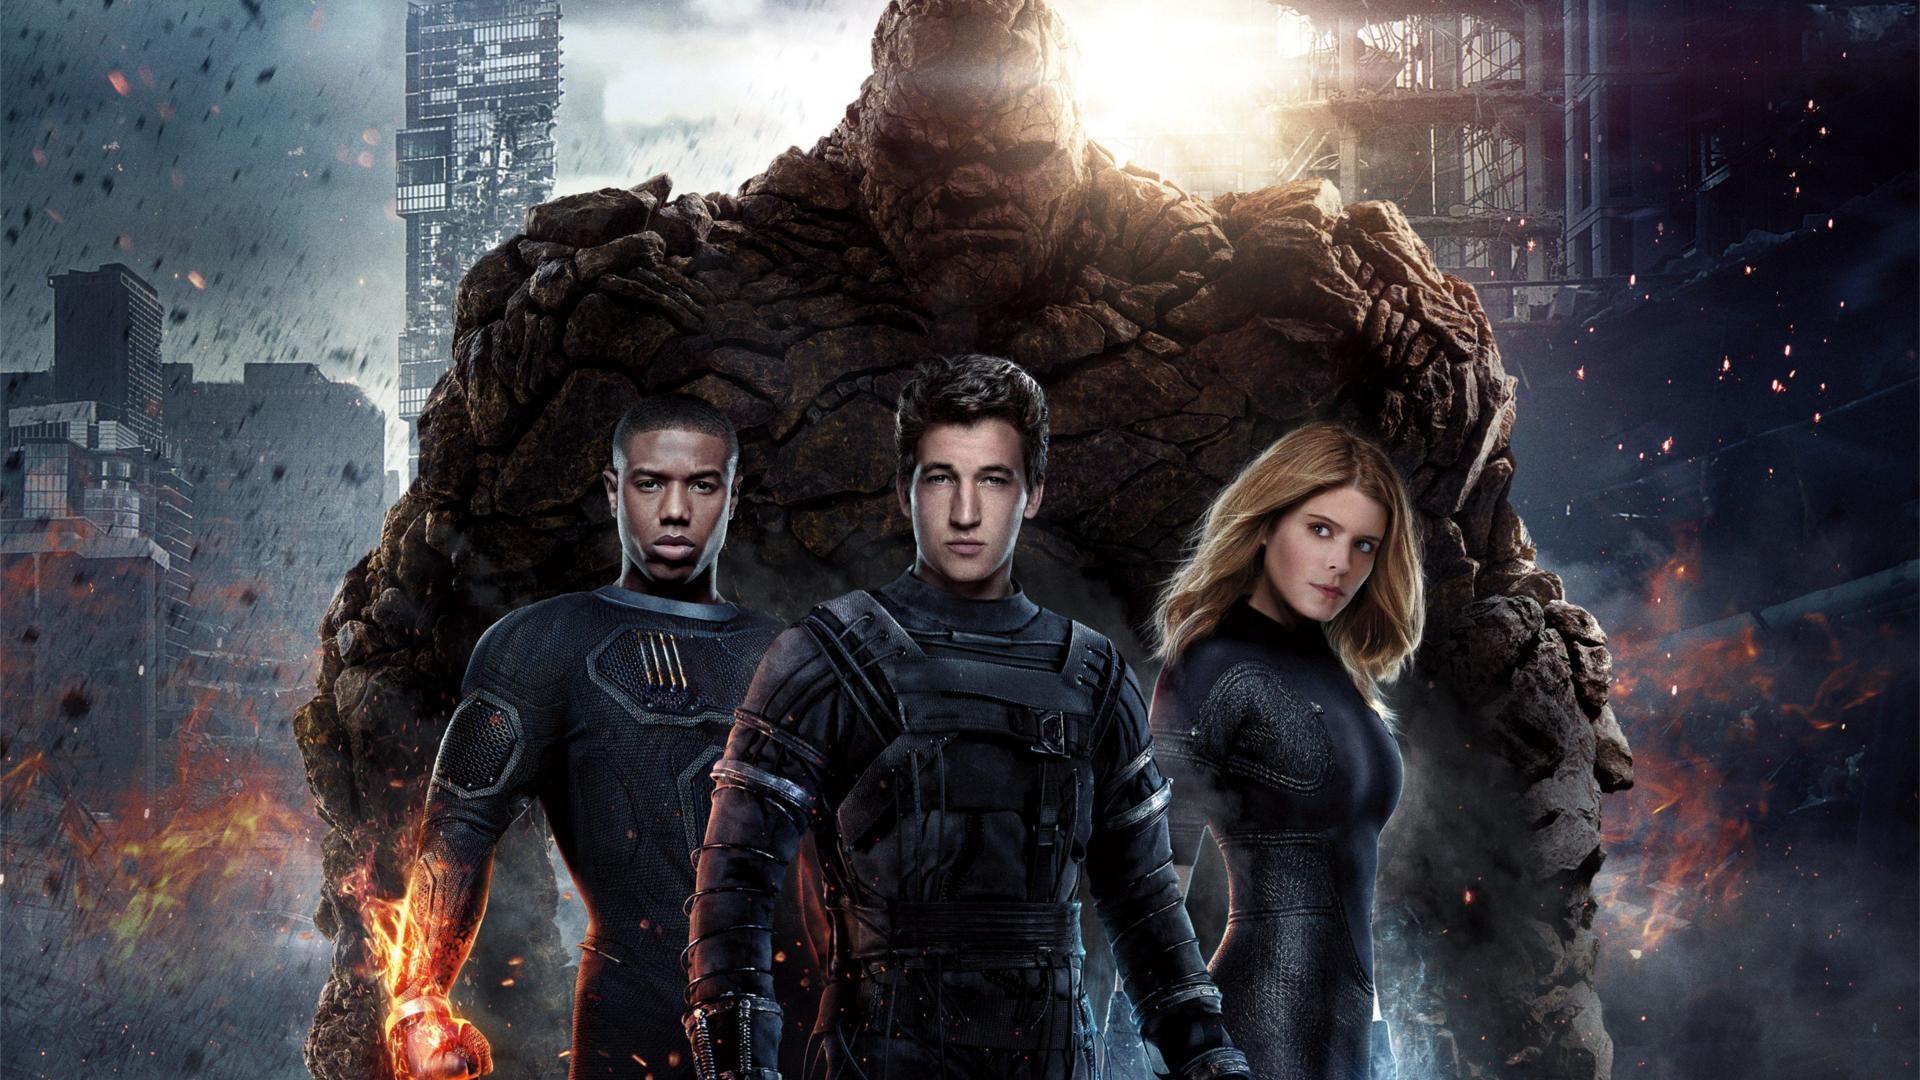 973112f18a0 A je to tady. X-Meni a Fantastická čtyřka se stanou součástí Marvel ...